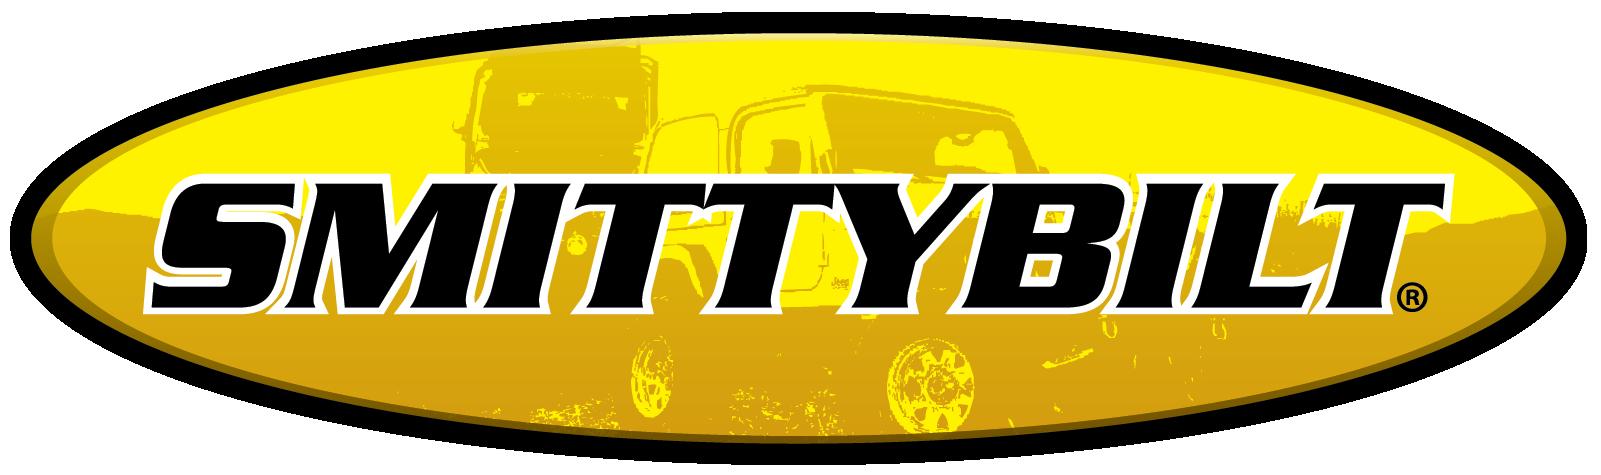 Smittybilt_Logo.png